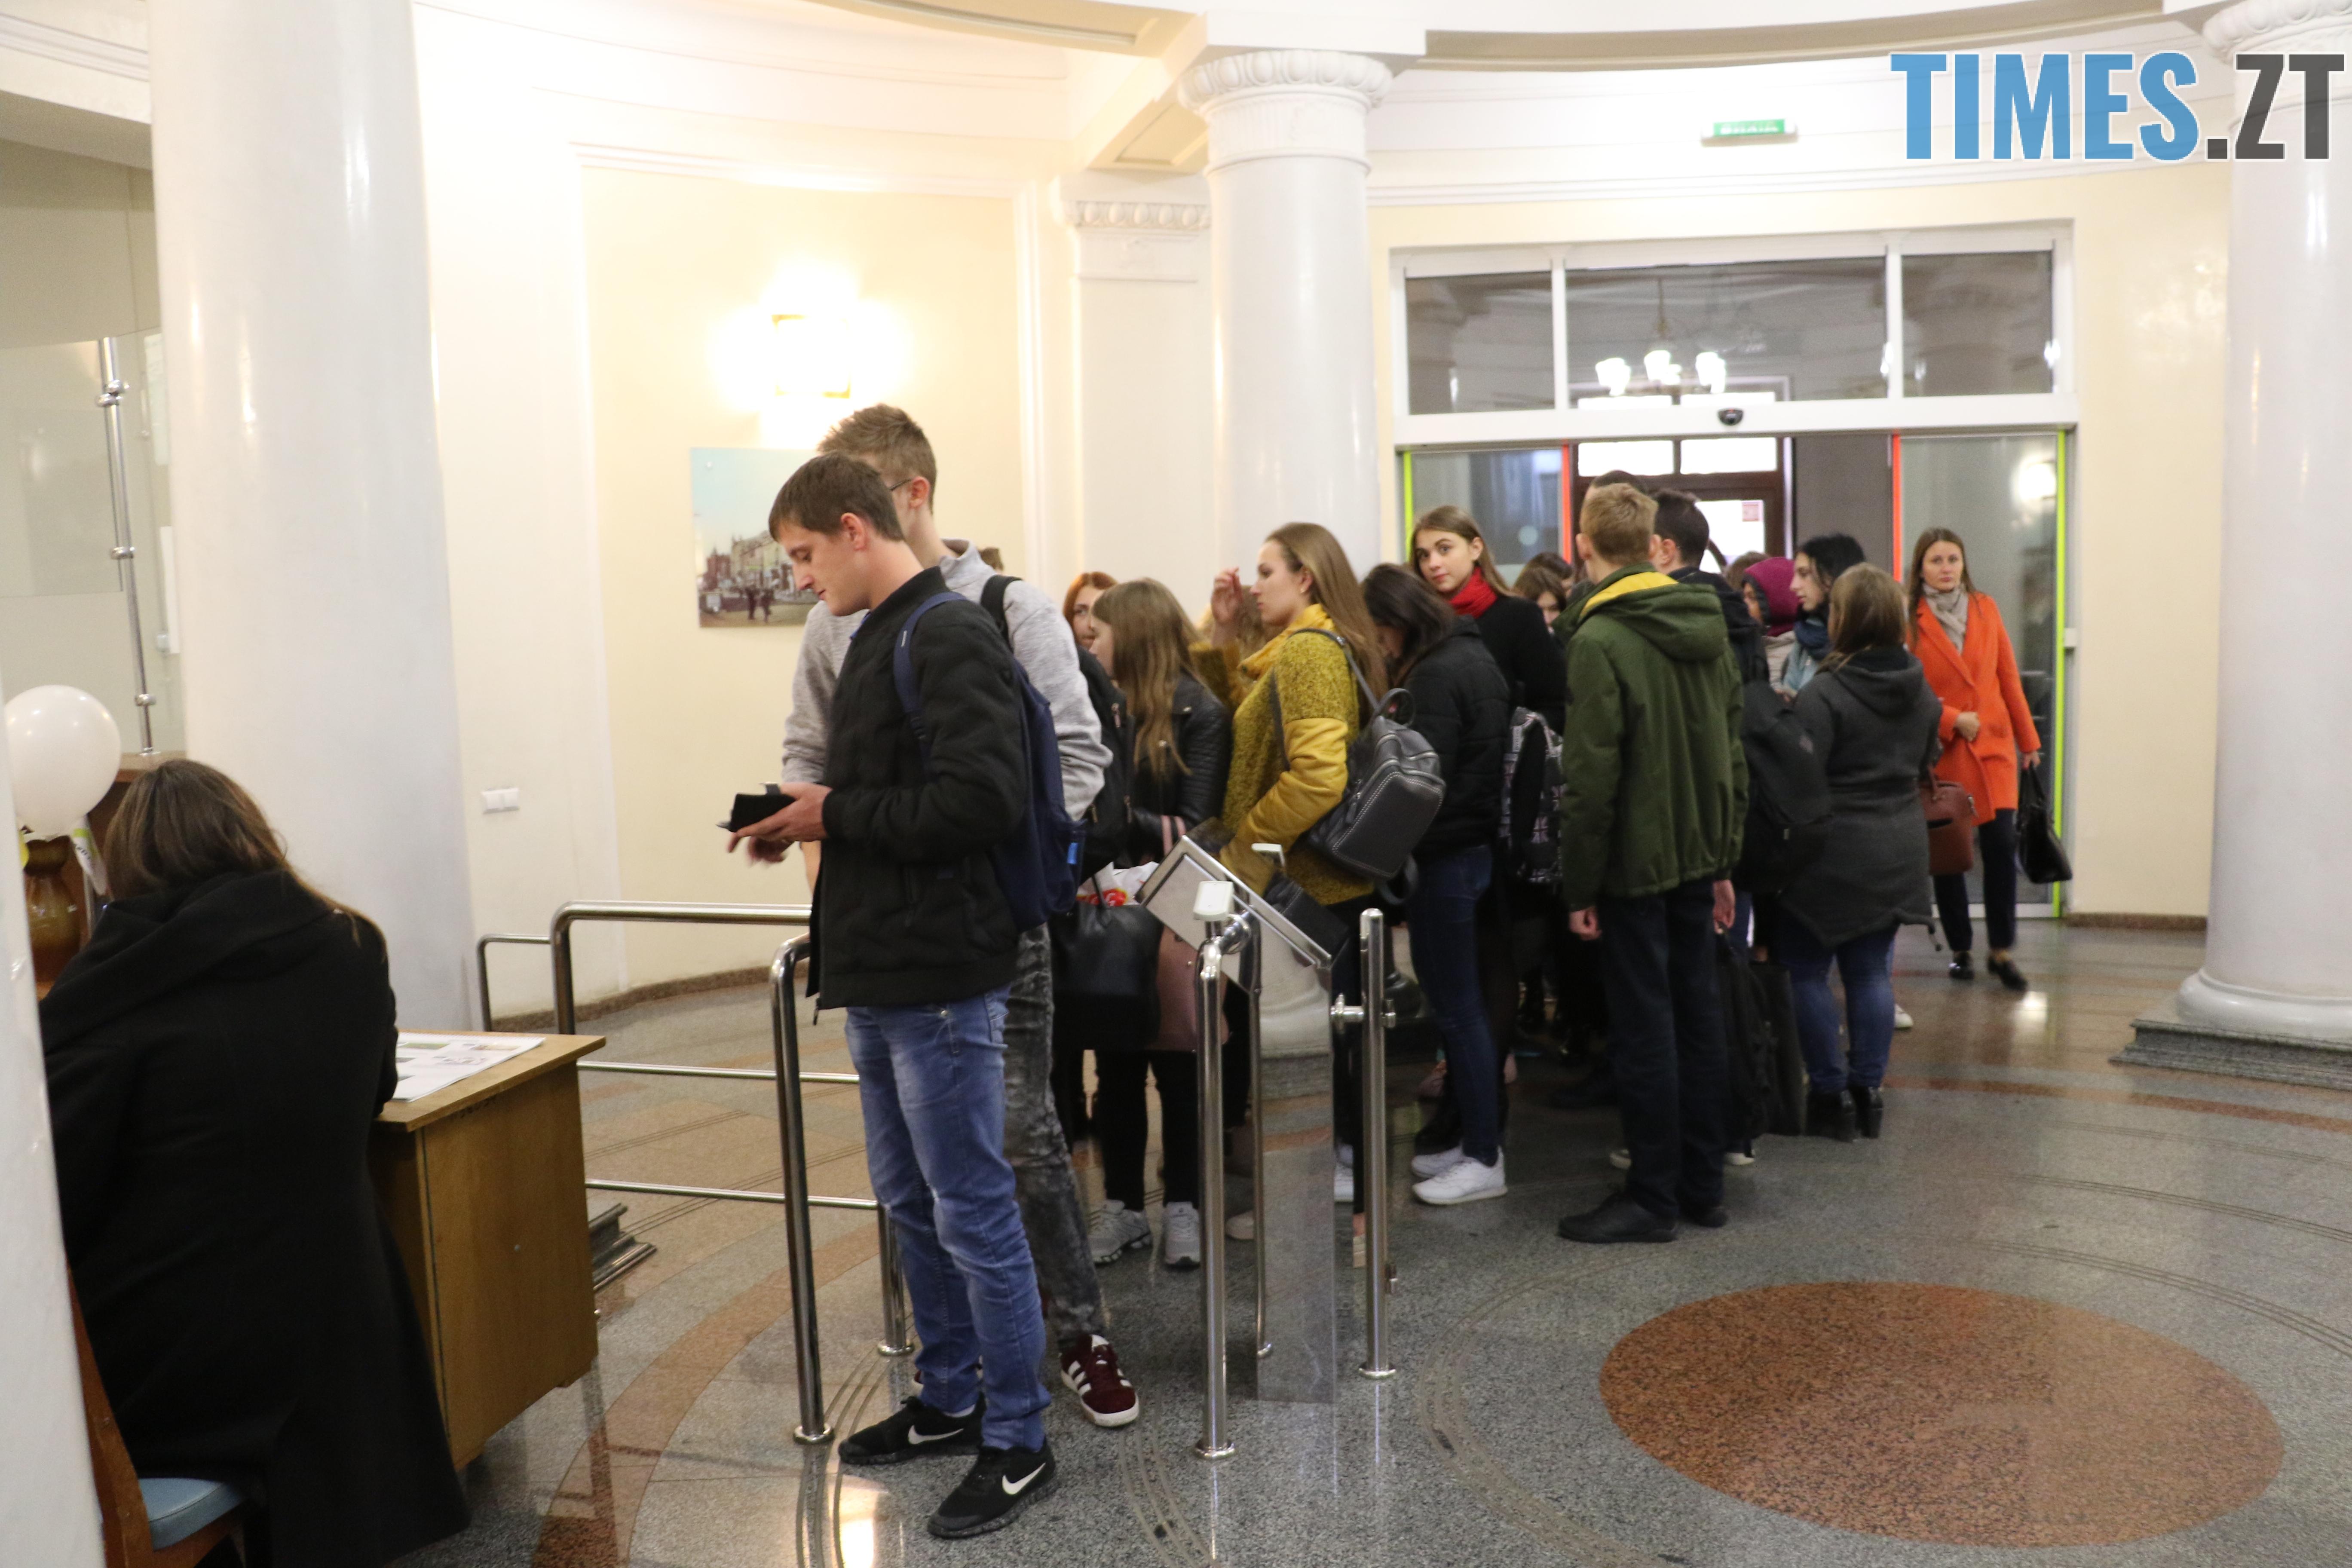 img1538572325 1 - Махінації на «Бюджеті участі»: у міській раді підозрюють, що студентів примусили голосувати за певні проекти (ФОТО)